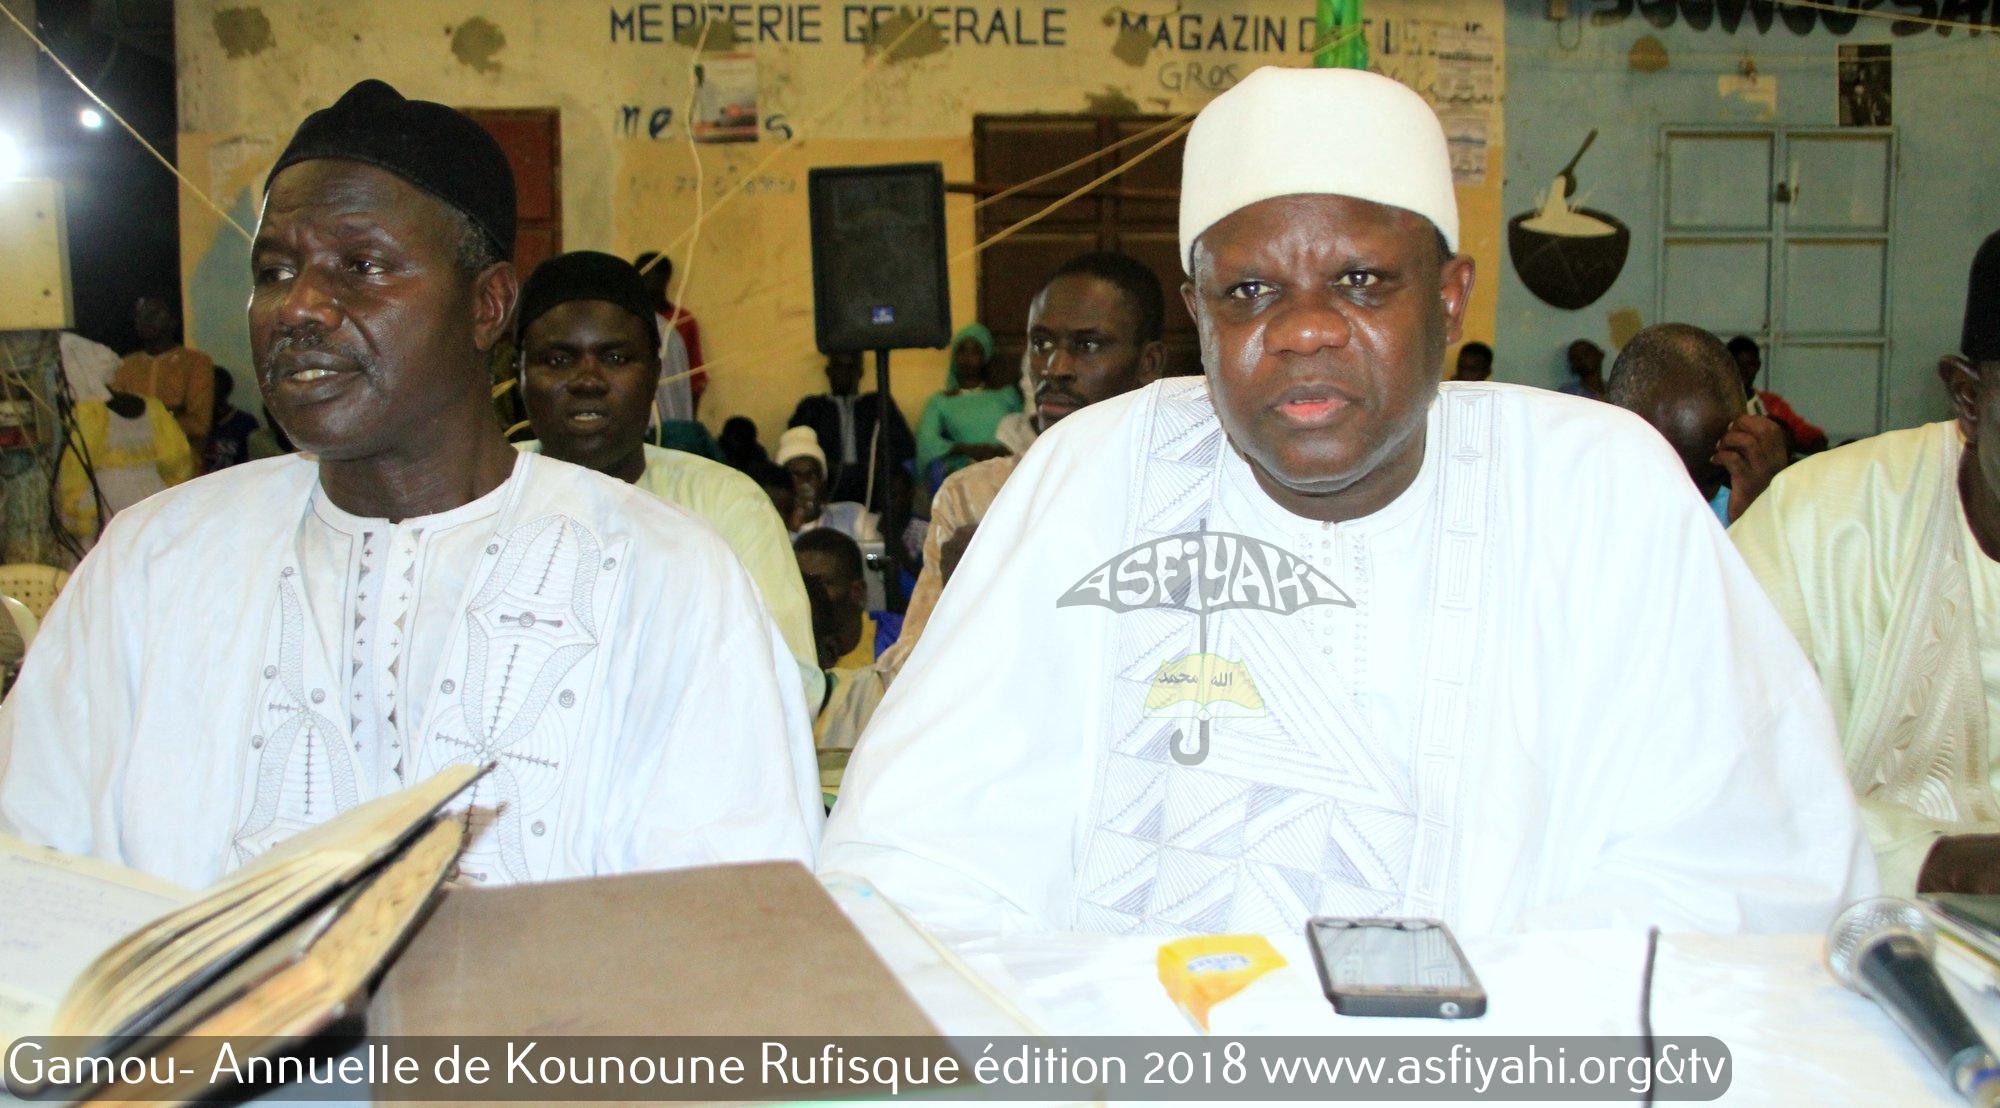 PHOTOS - KOUNOUNE 2018 - Les Images du Gamou de la Dahira Khaïry Wal Barakati de Kounoune présidé par Serigne Moustapha SY Abdou